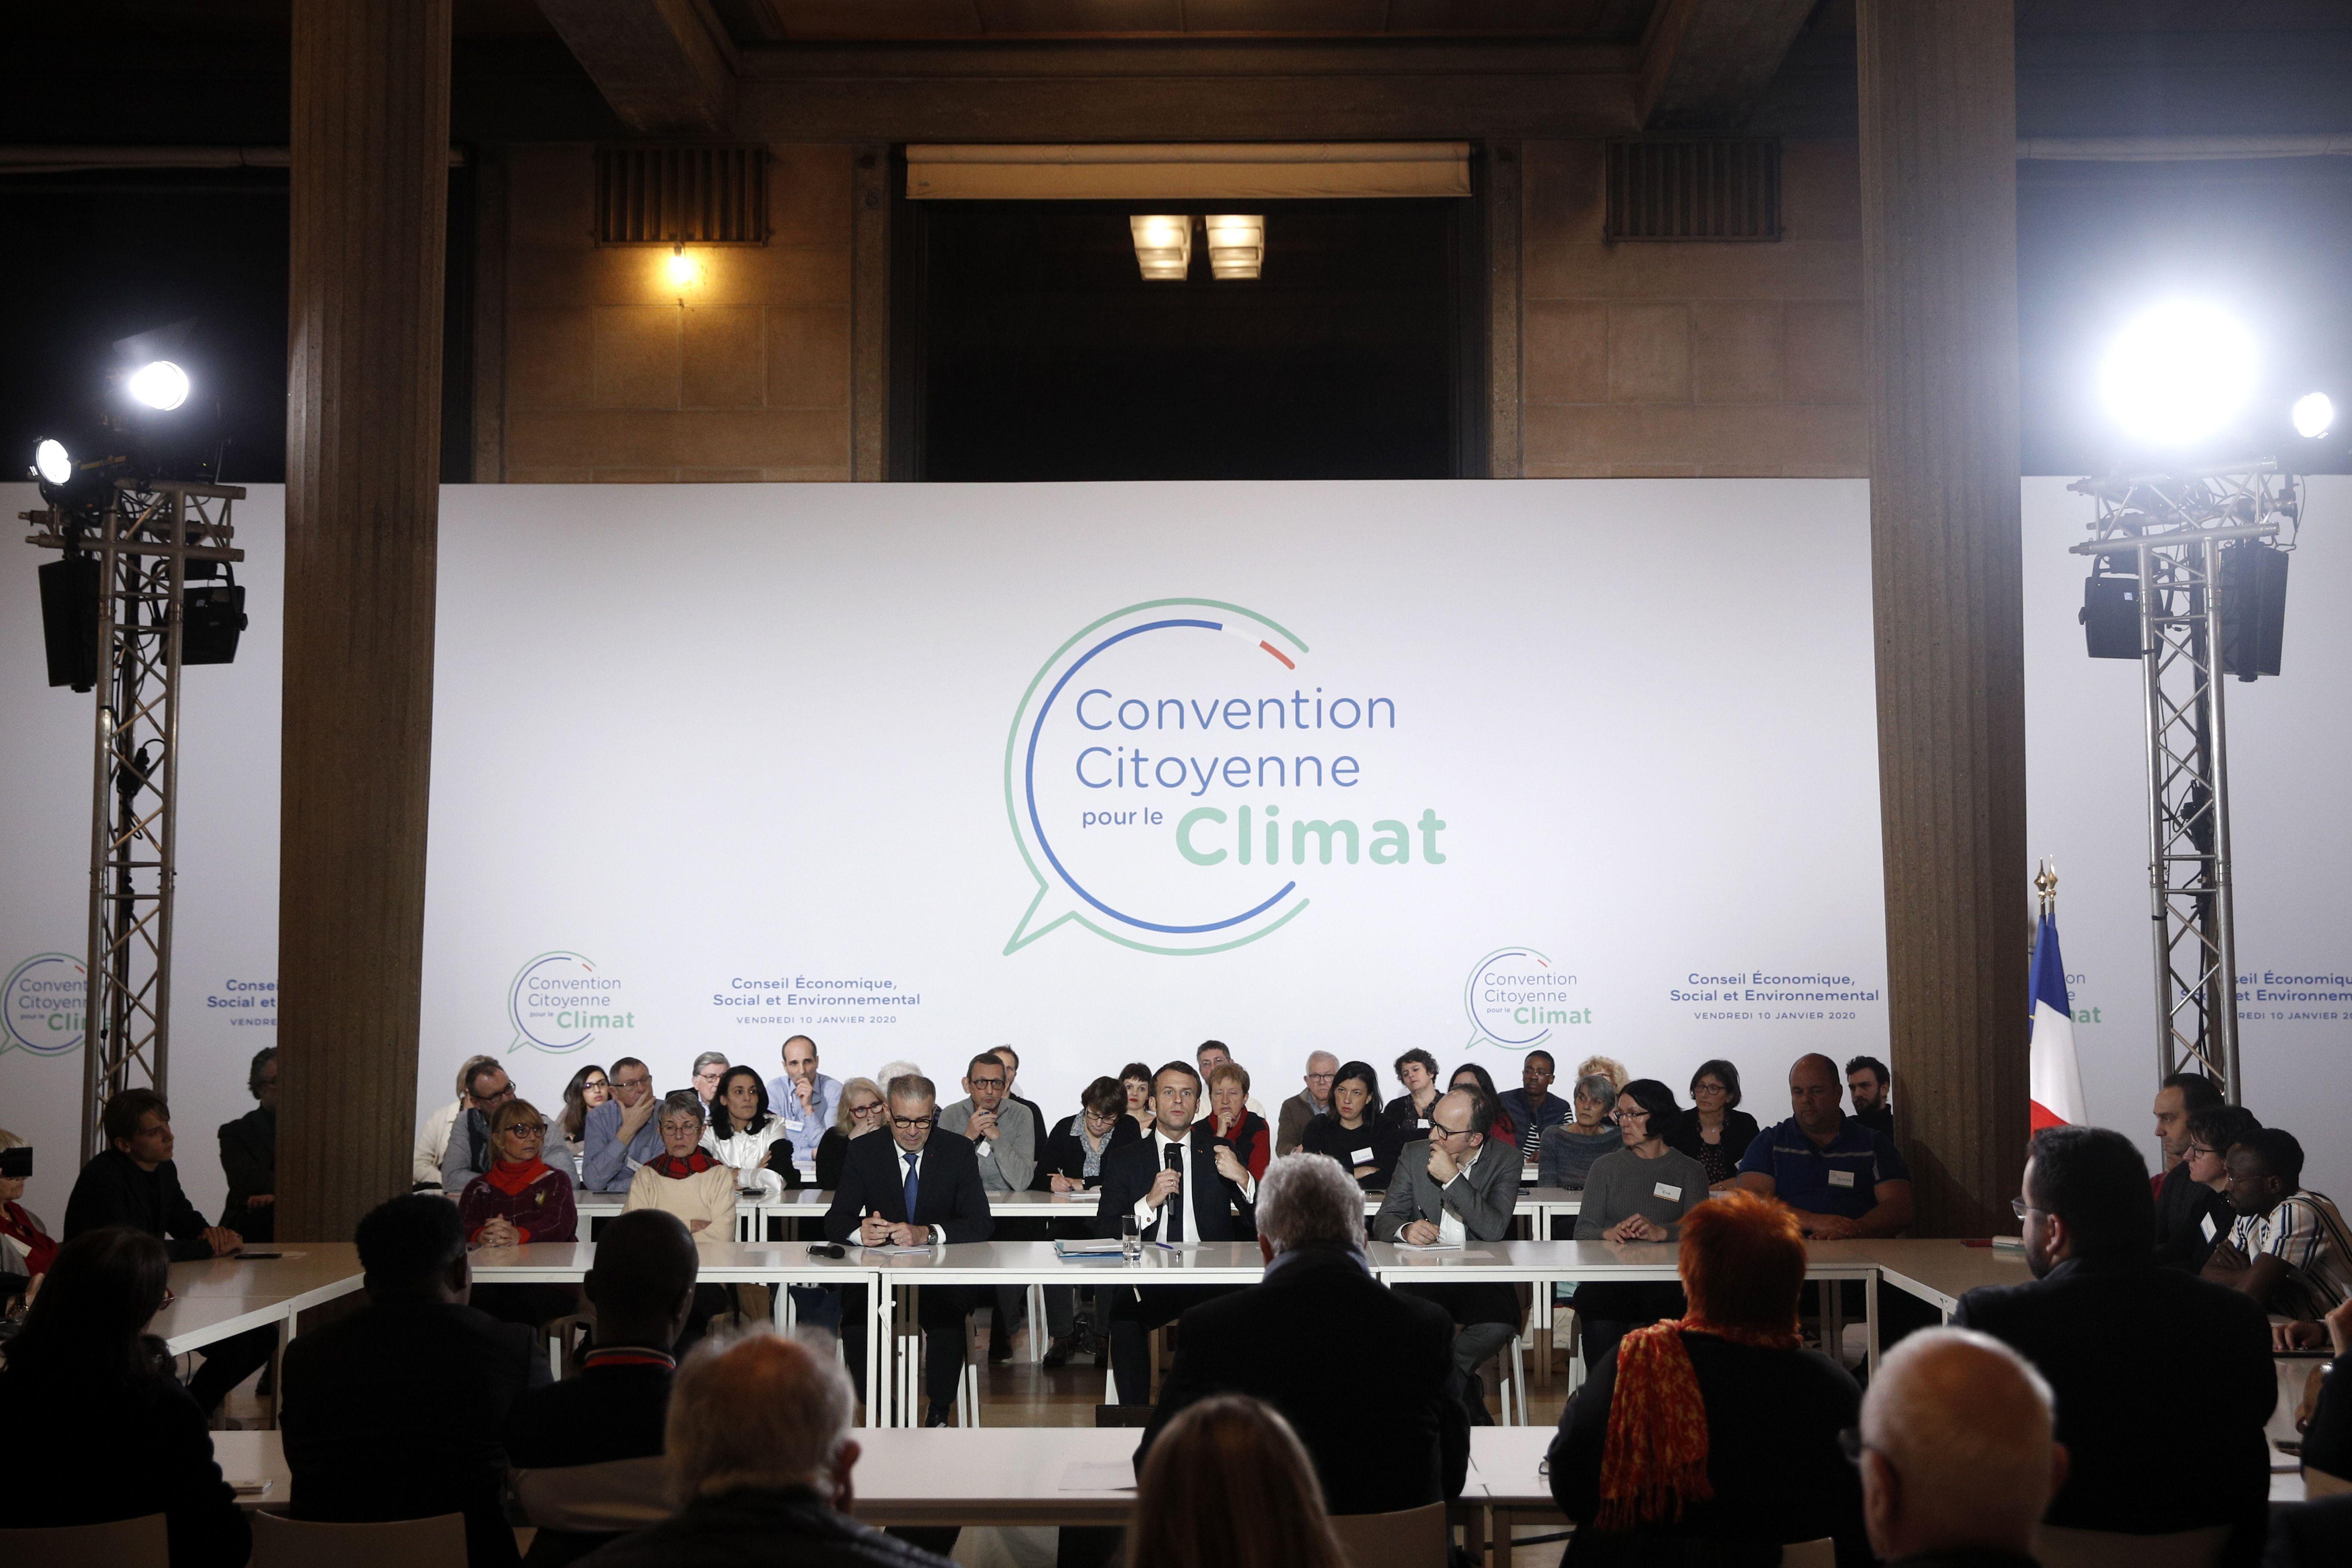 Emmanuel Macron à la Convention Citoyenne pour le Climat au Conseil Economique, Social et Environnemental...